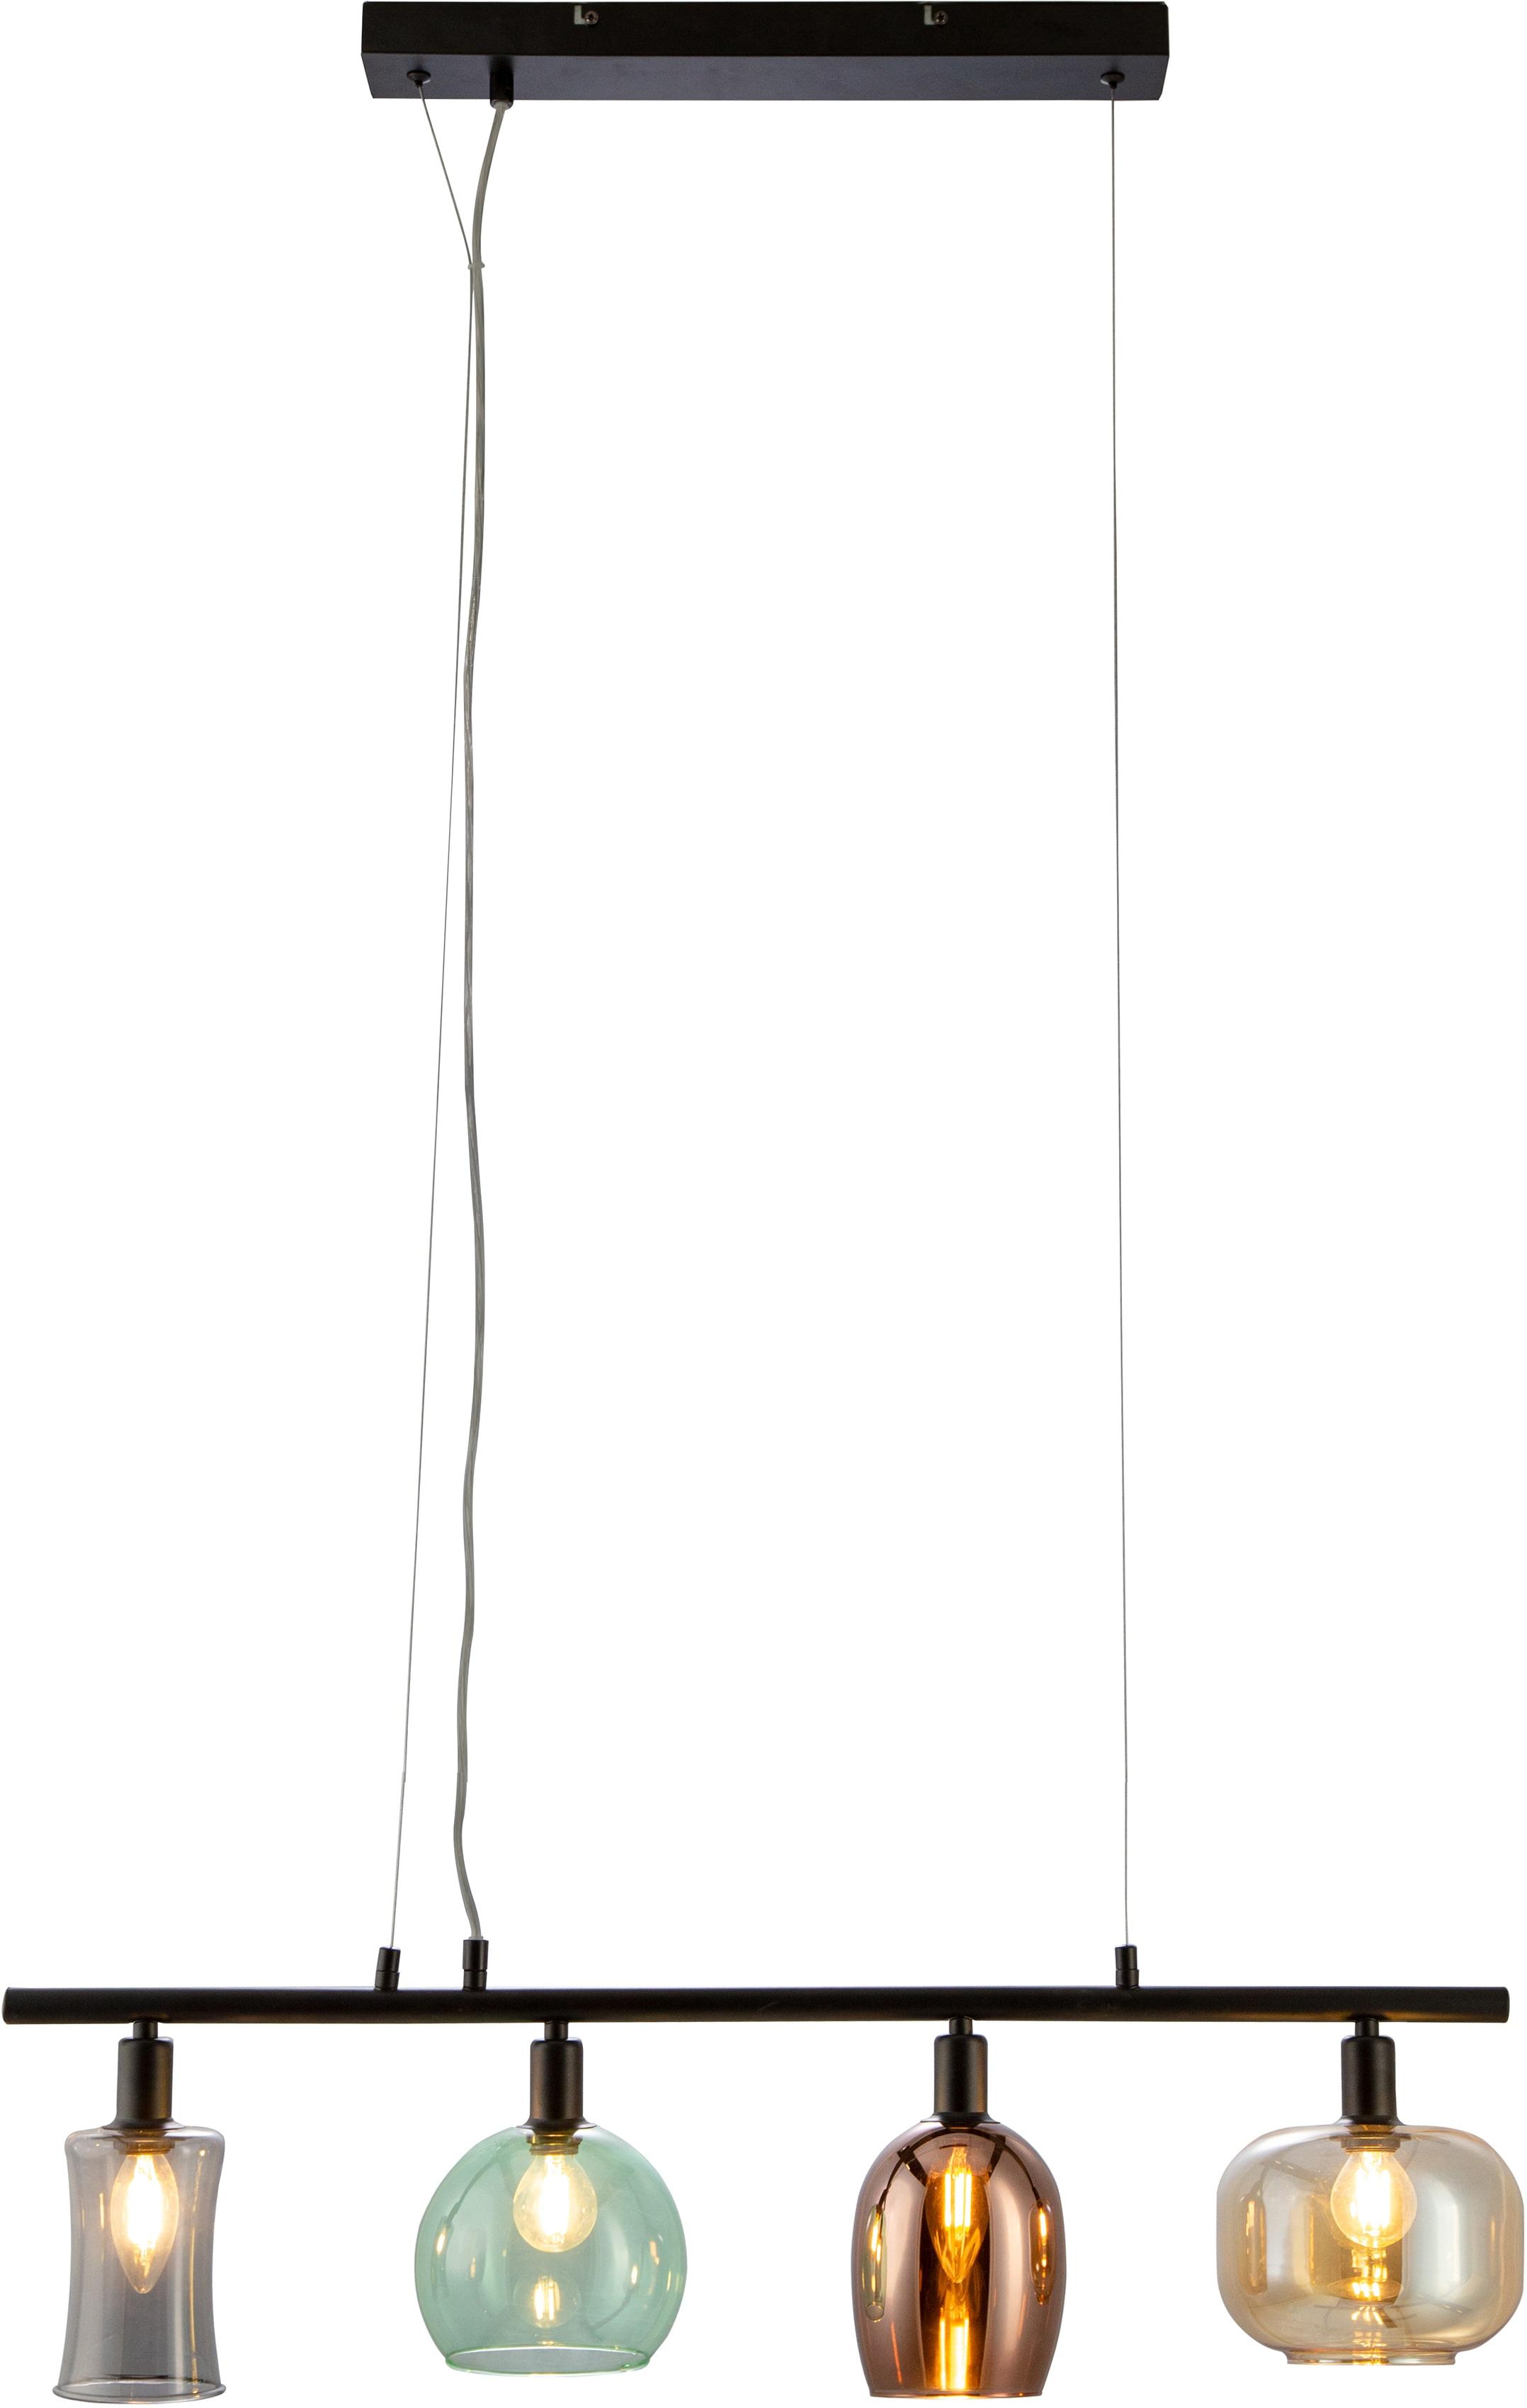 Nino Leuchten Pendelleuchte Telesto, E14, 1 St., Hängeleuchte, Hängelampe